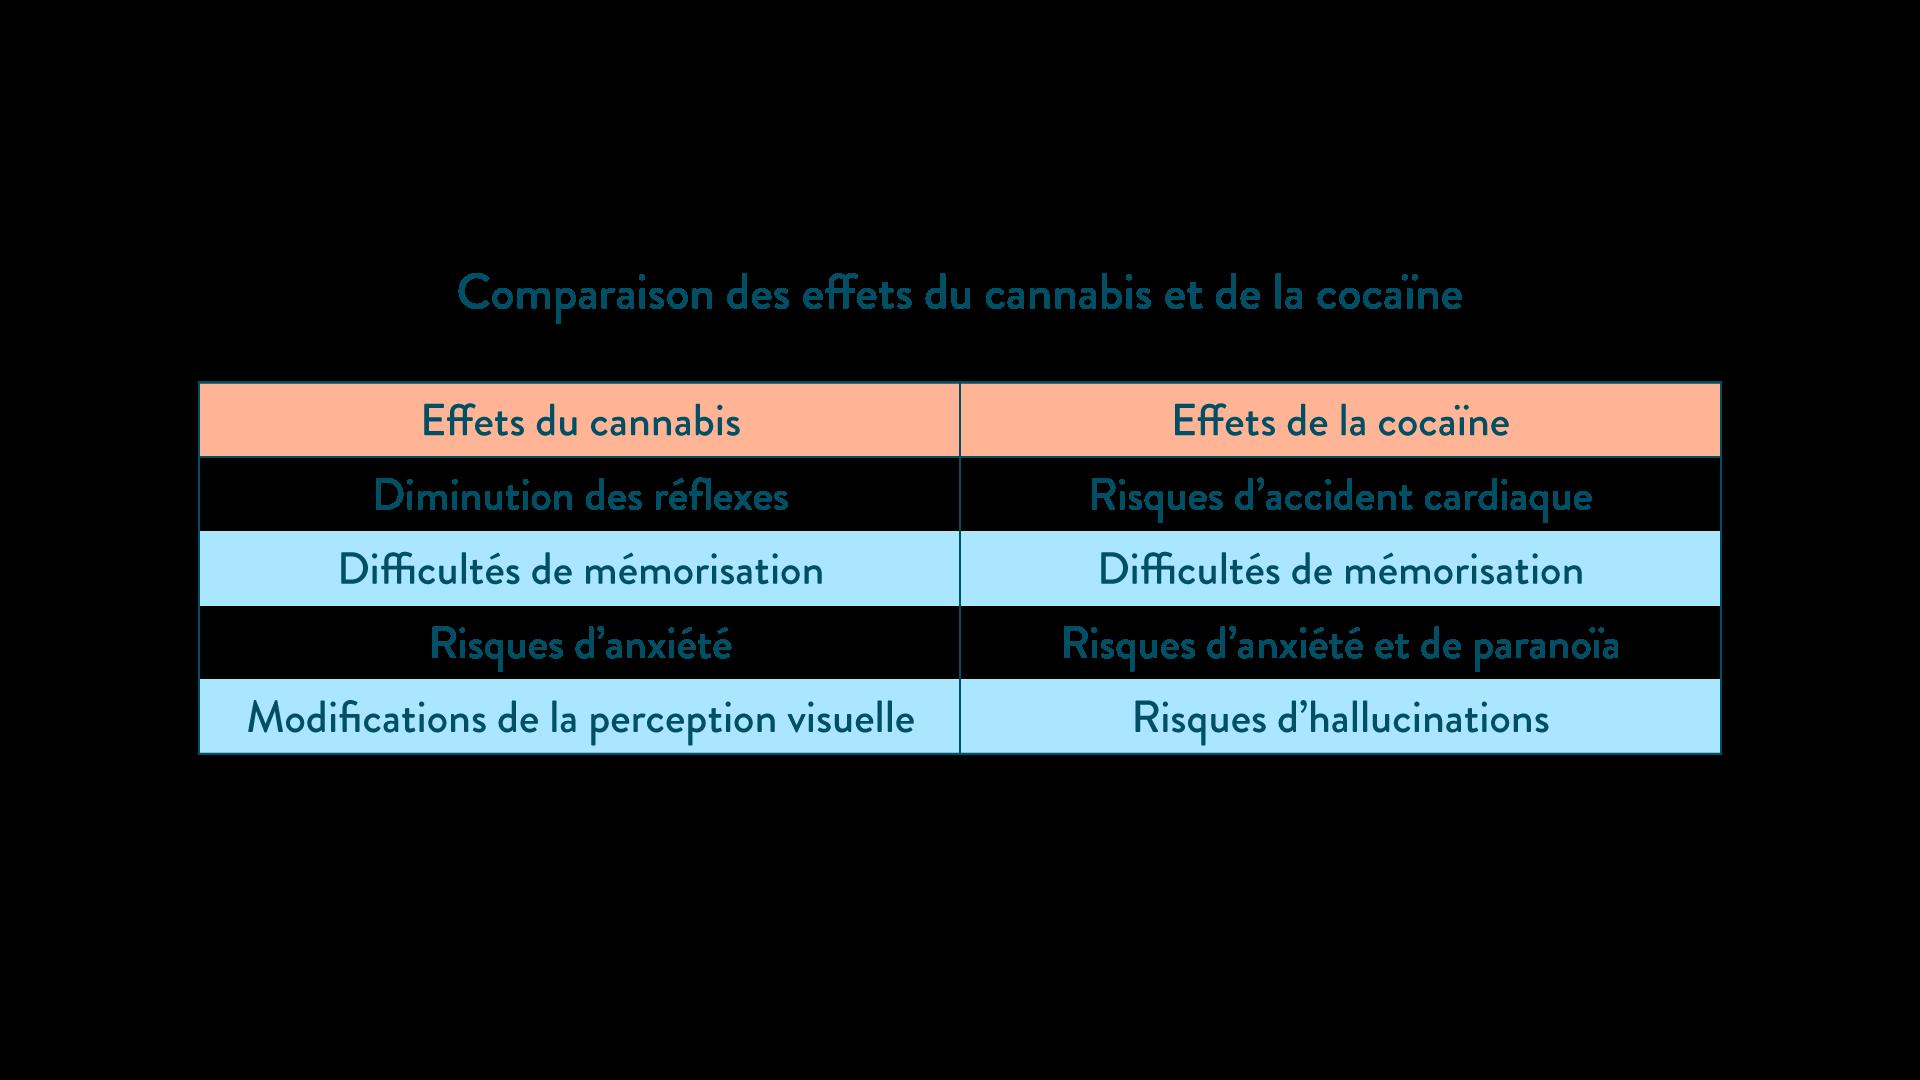 Comparaison des effets de la cocaïne et du cannabis